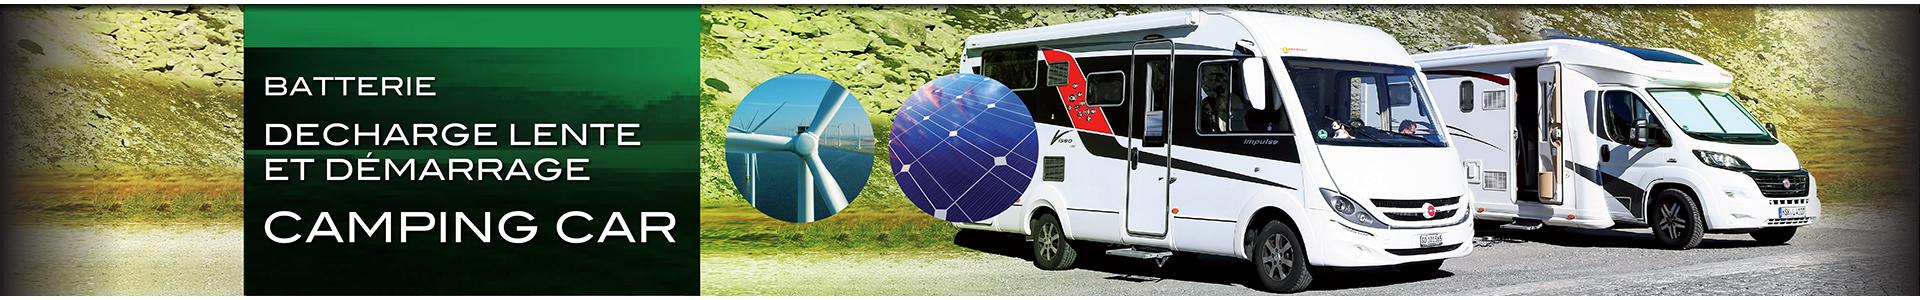 Batterie pour camping-car, batterie démarrage et batterie servitude, Batteries Sélection